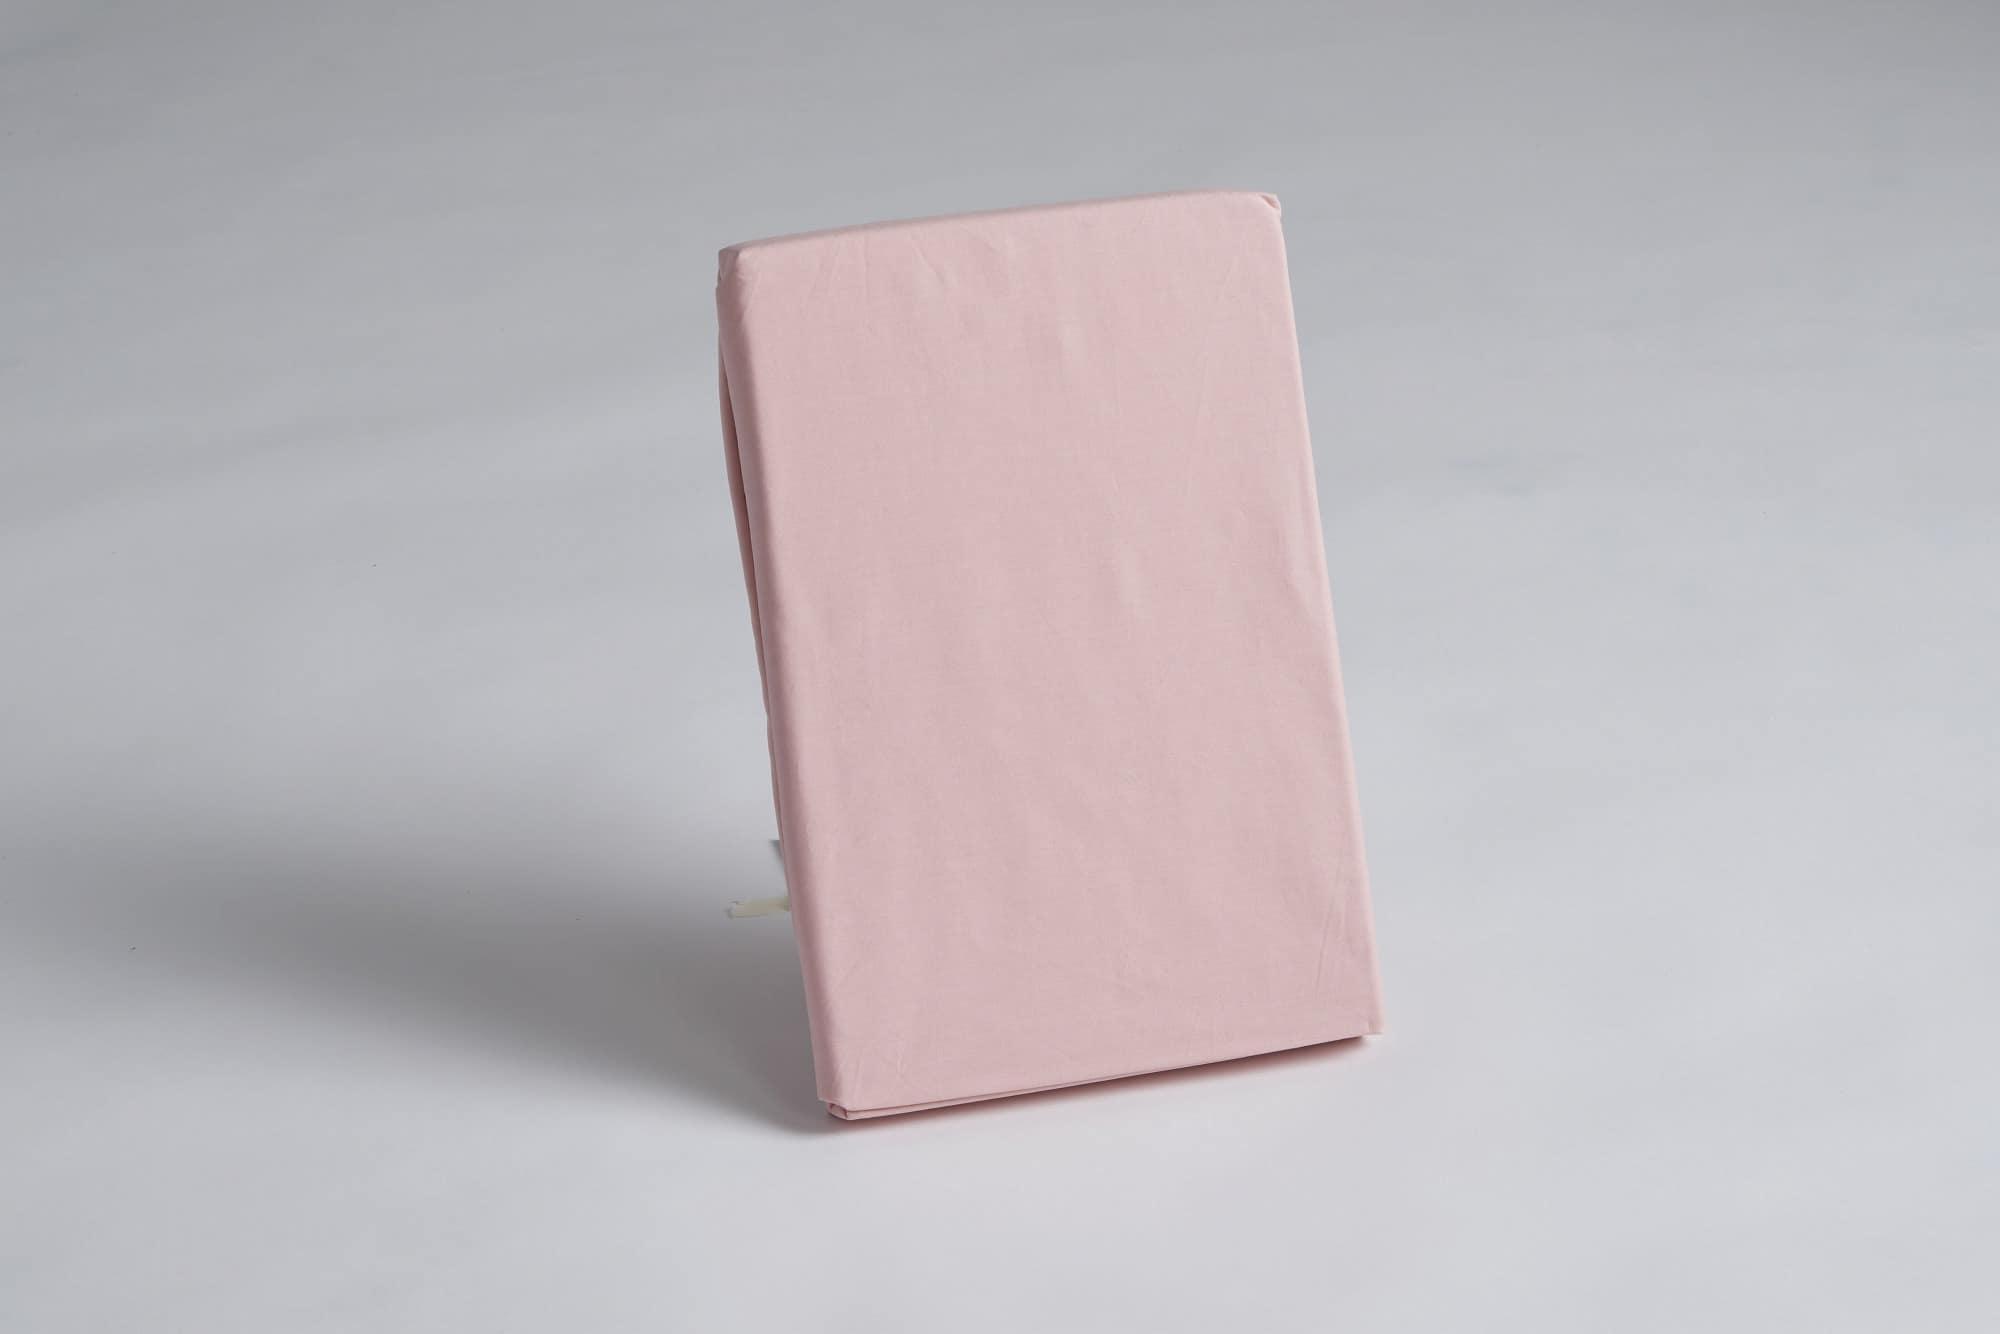 ボックスシーツ クイーン1用 36H ピンク